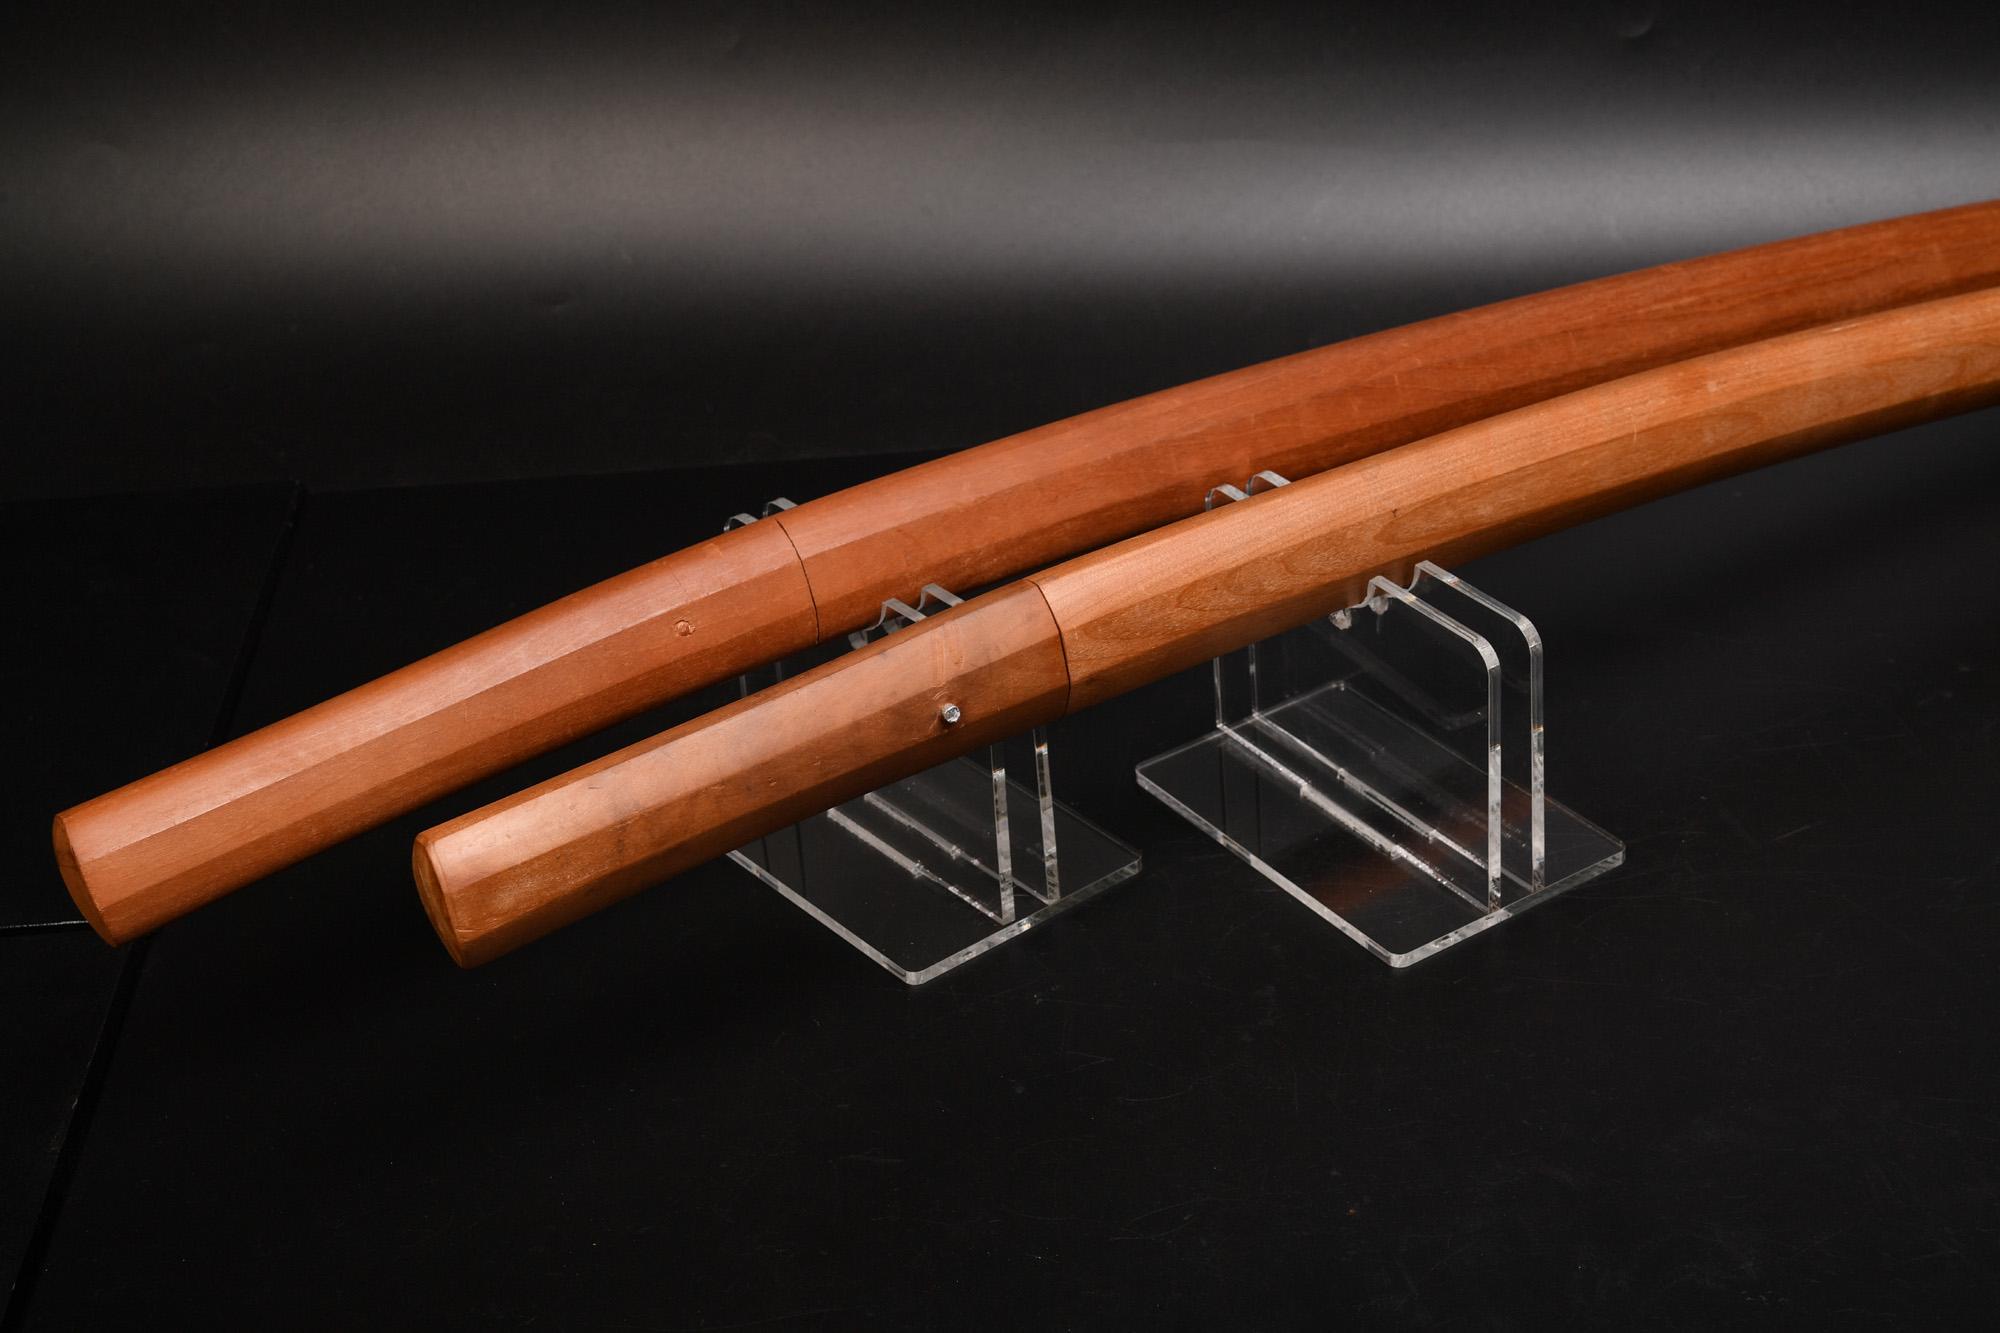 真剣の白鞘と摸造刀の白鞘 何が違う?